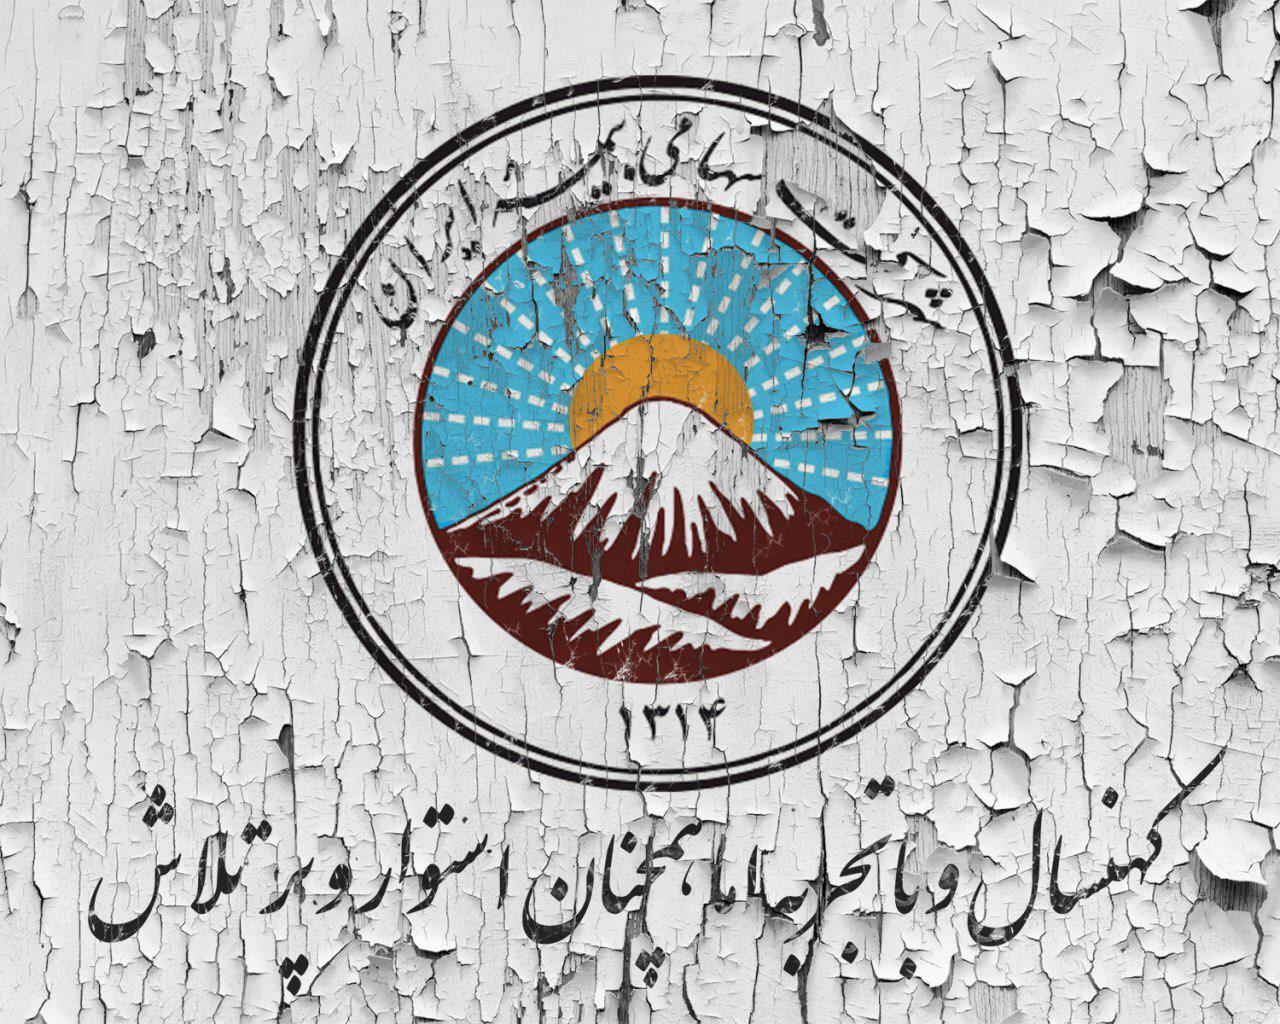 بیمه ایران قدیمی ترین و با تجربه¬ترین شرکت بیمه ای در کشور است.